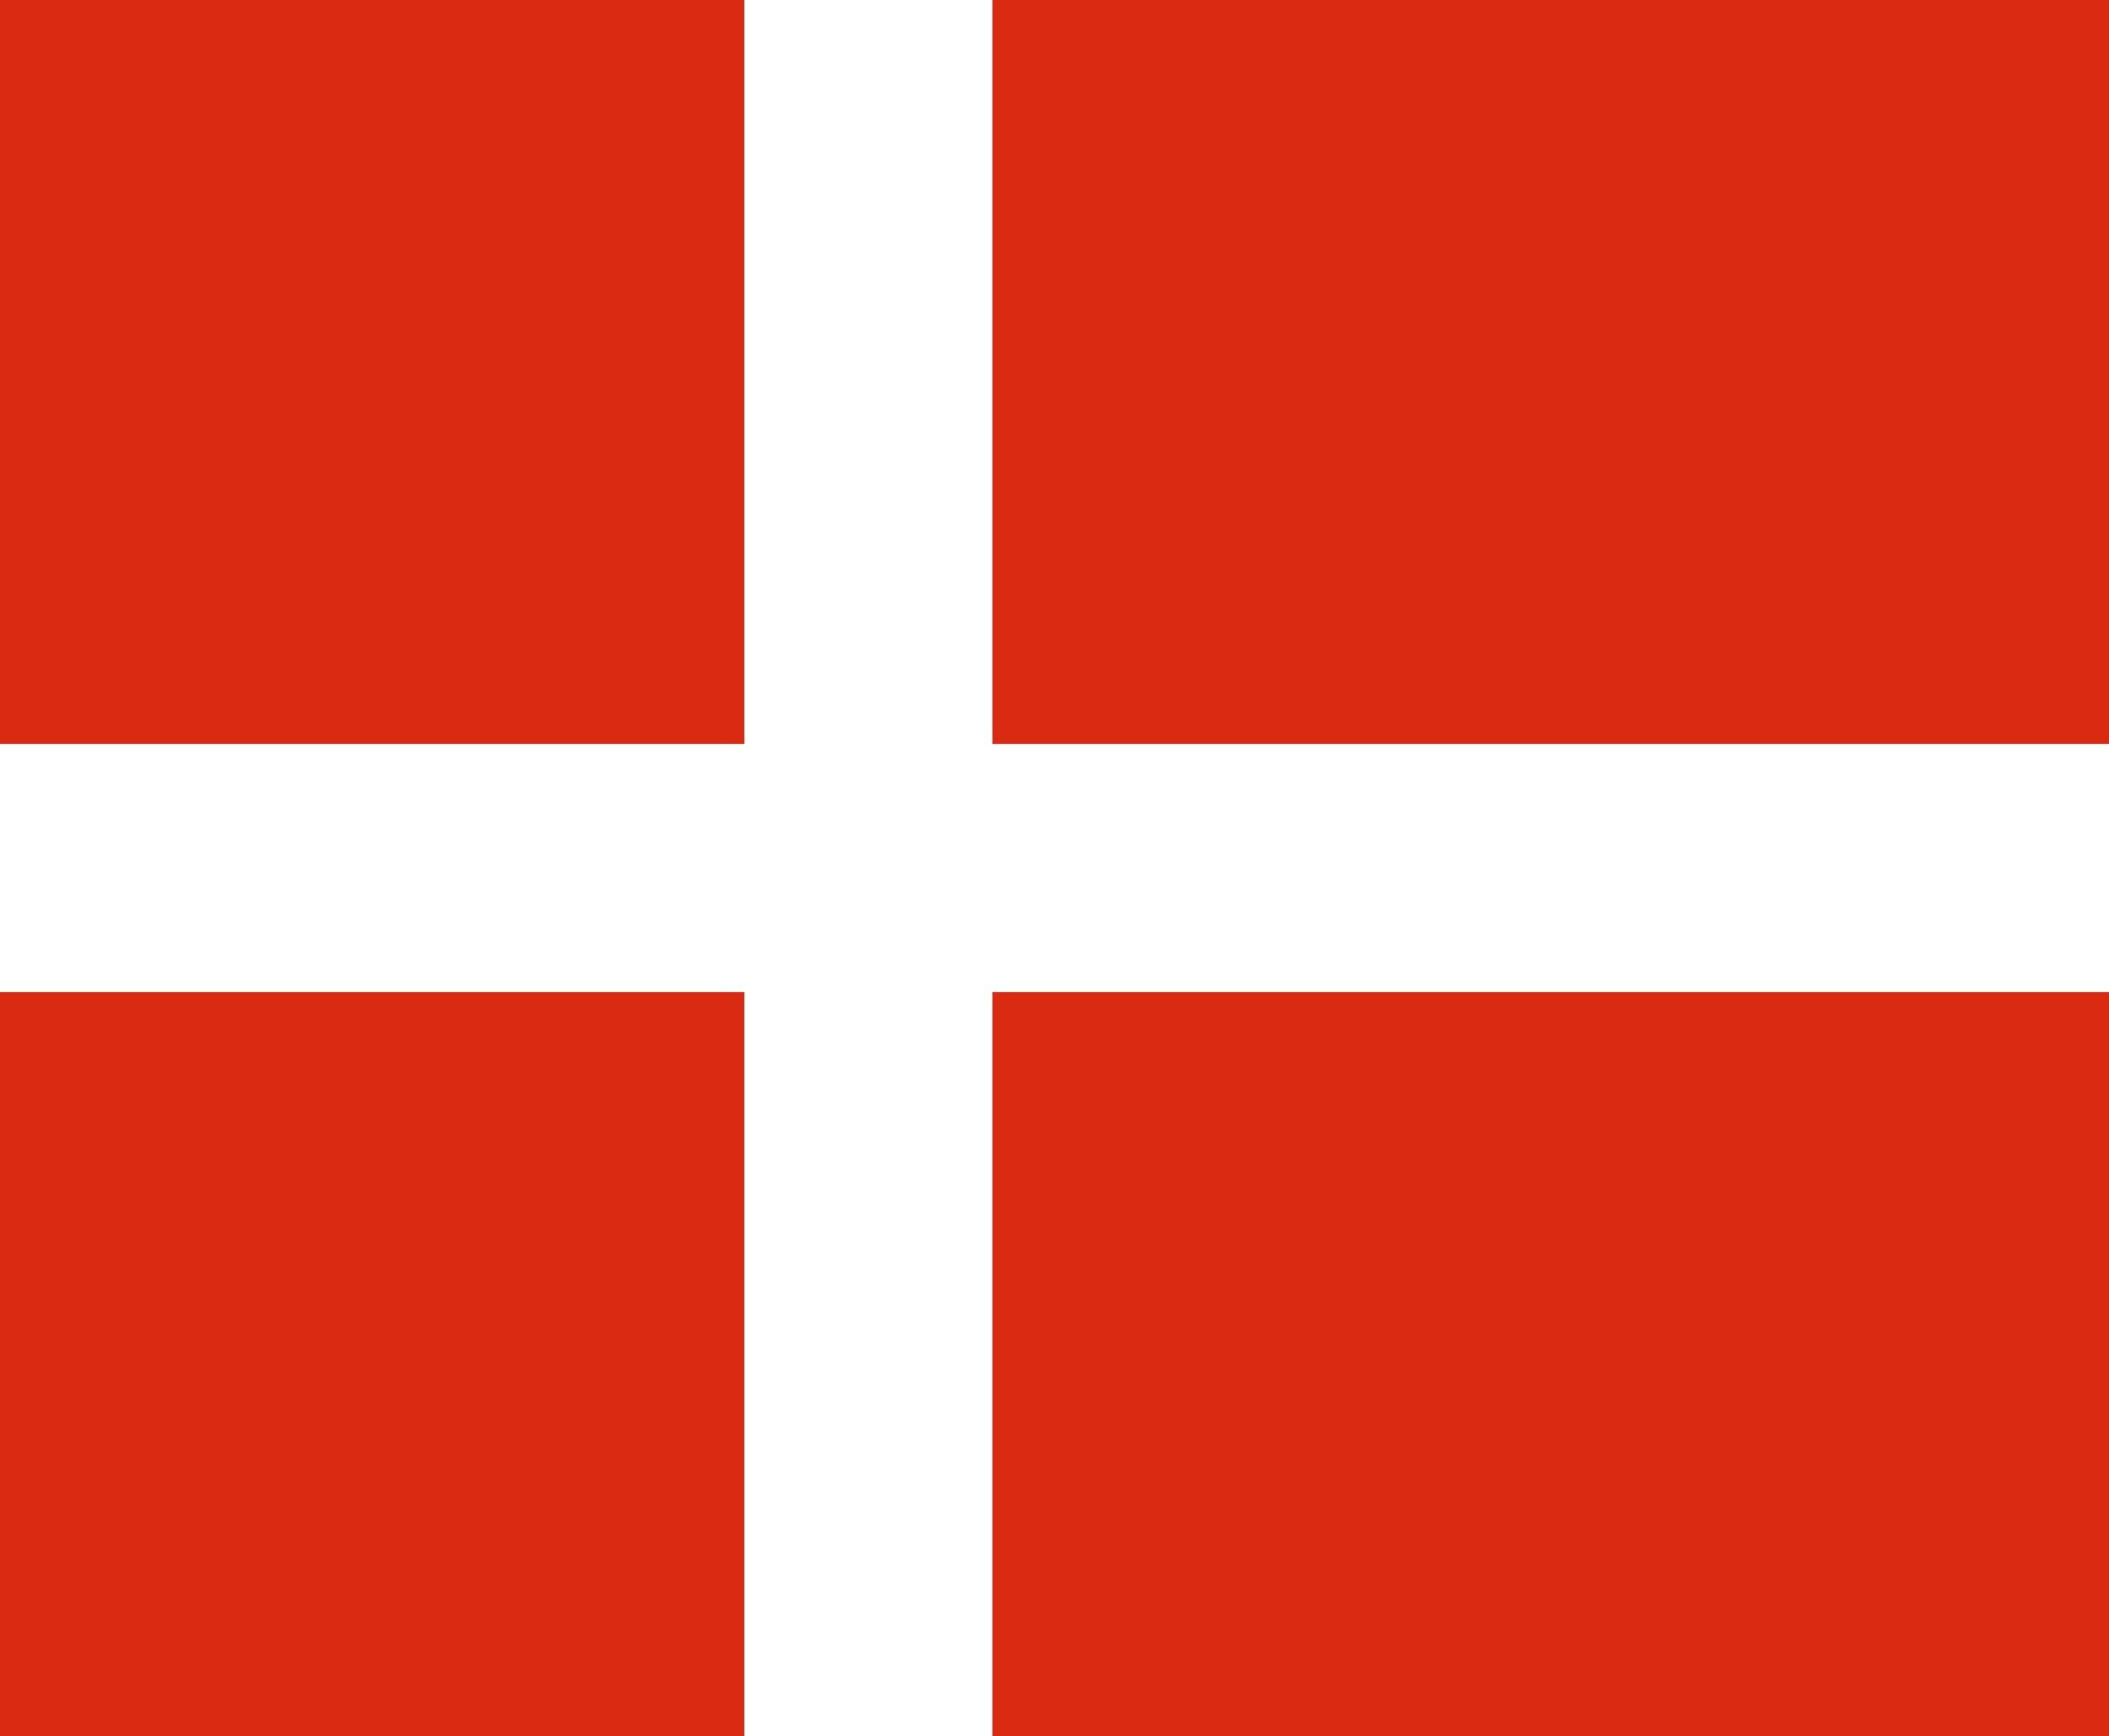 clipart dk flag - photo #7